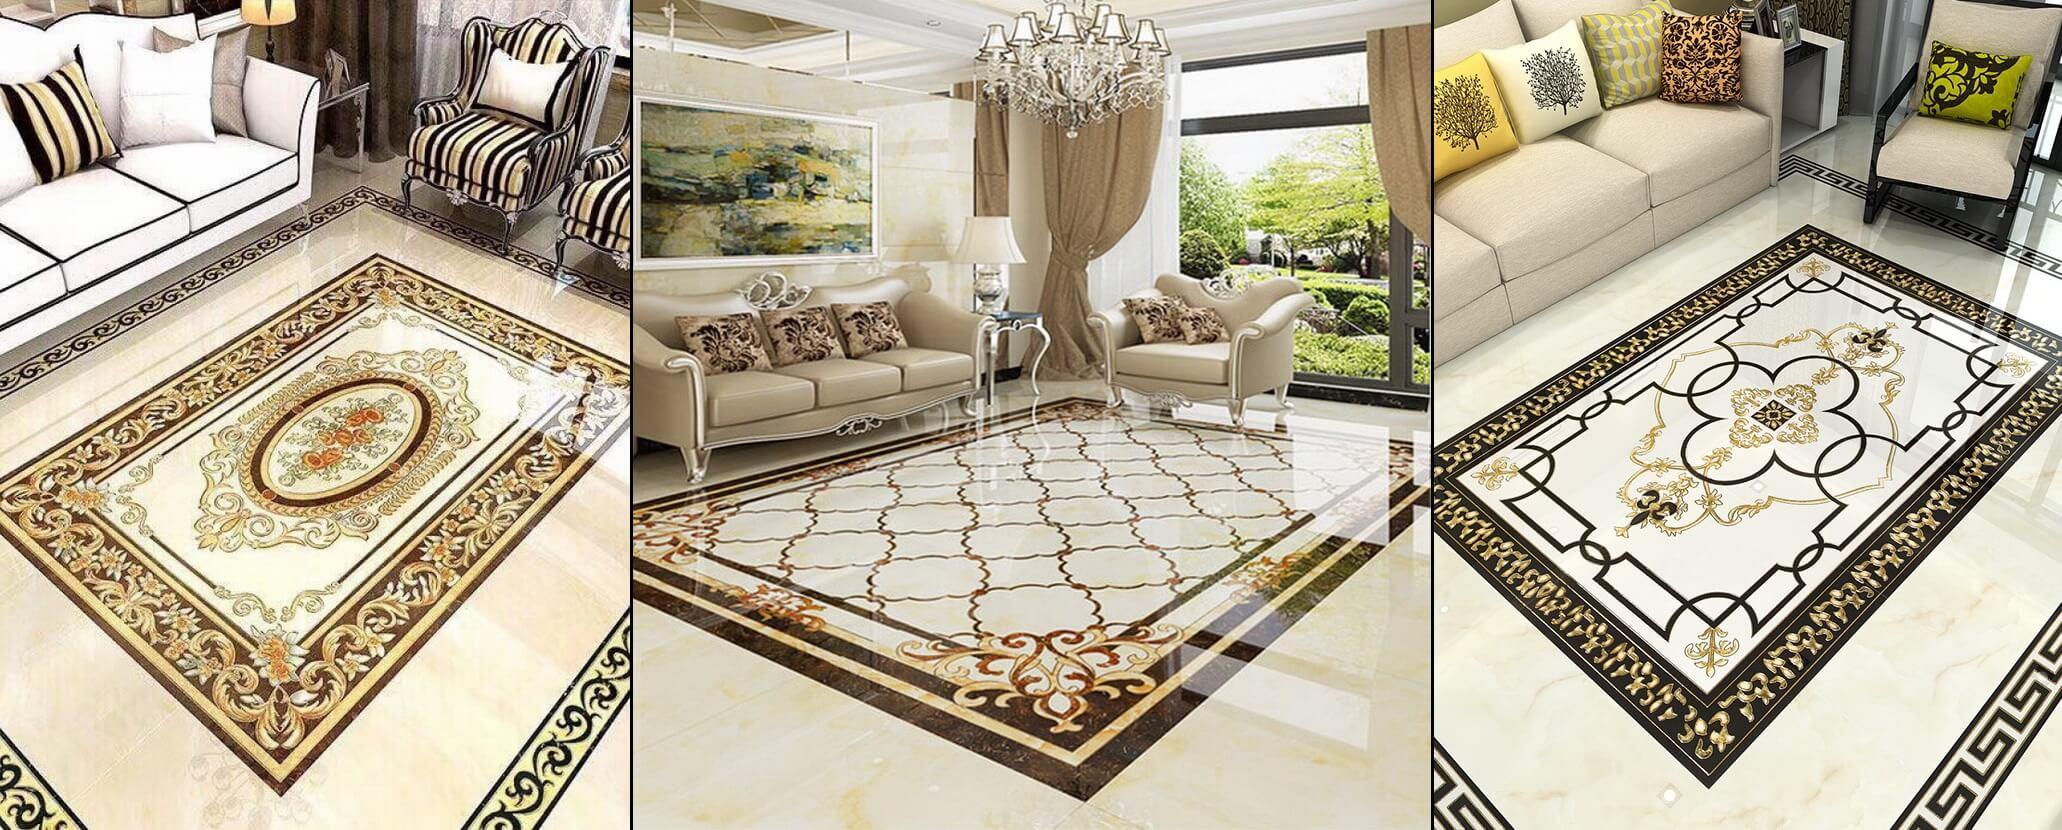 Cập nhật các mẫu gạch thảm lát nền phòng khách mới nhất trên thị trường hiện nay